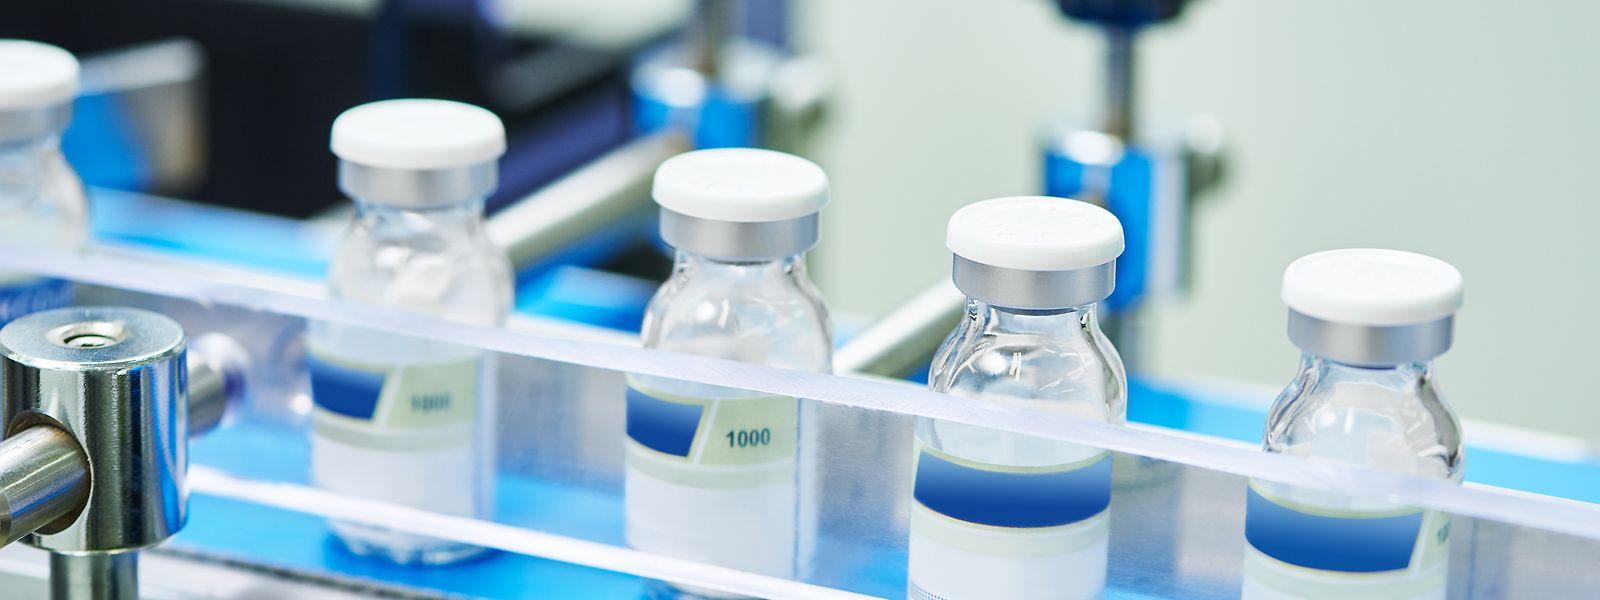 L'EDQM produit chaque année 1,6 million de flacons expédiés à travers plus de 115 pays.